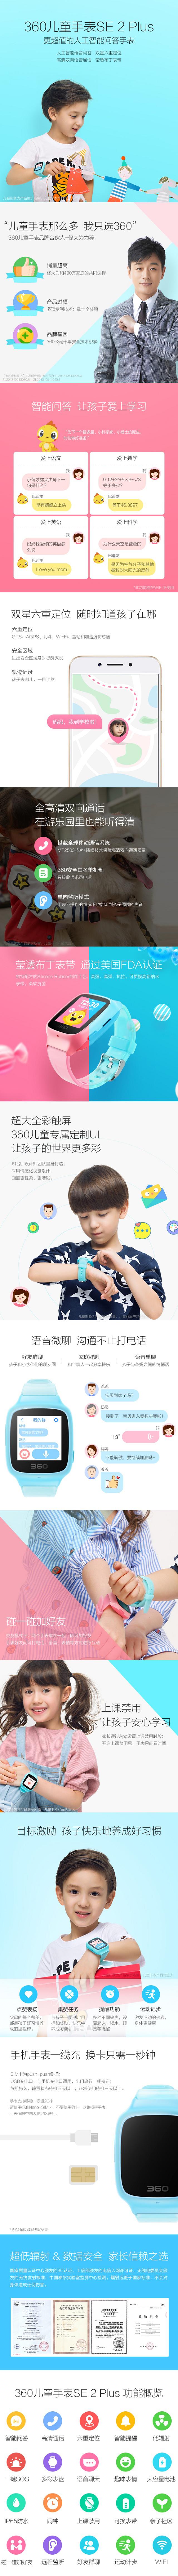 360儿童手表SE2-Plus-详情页-640-对外.jpg